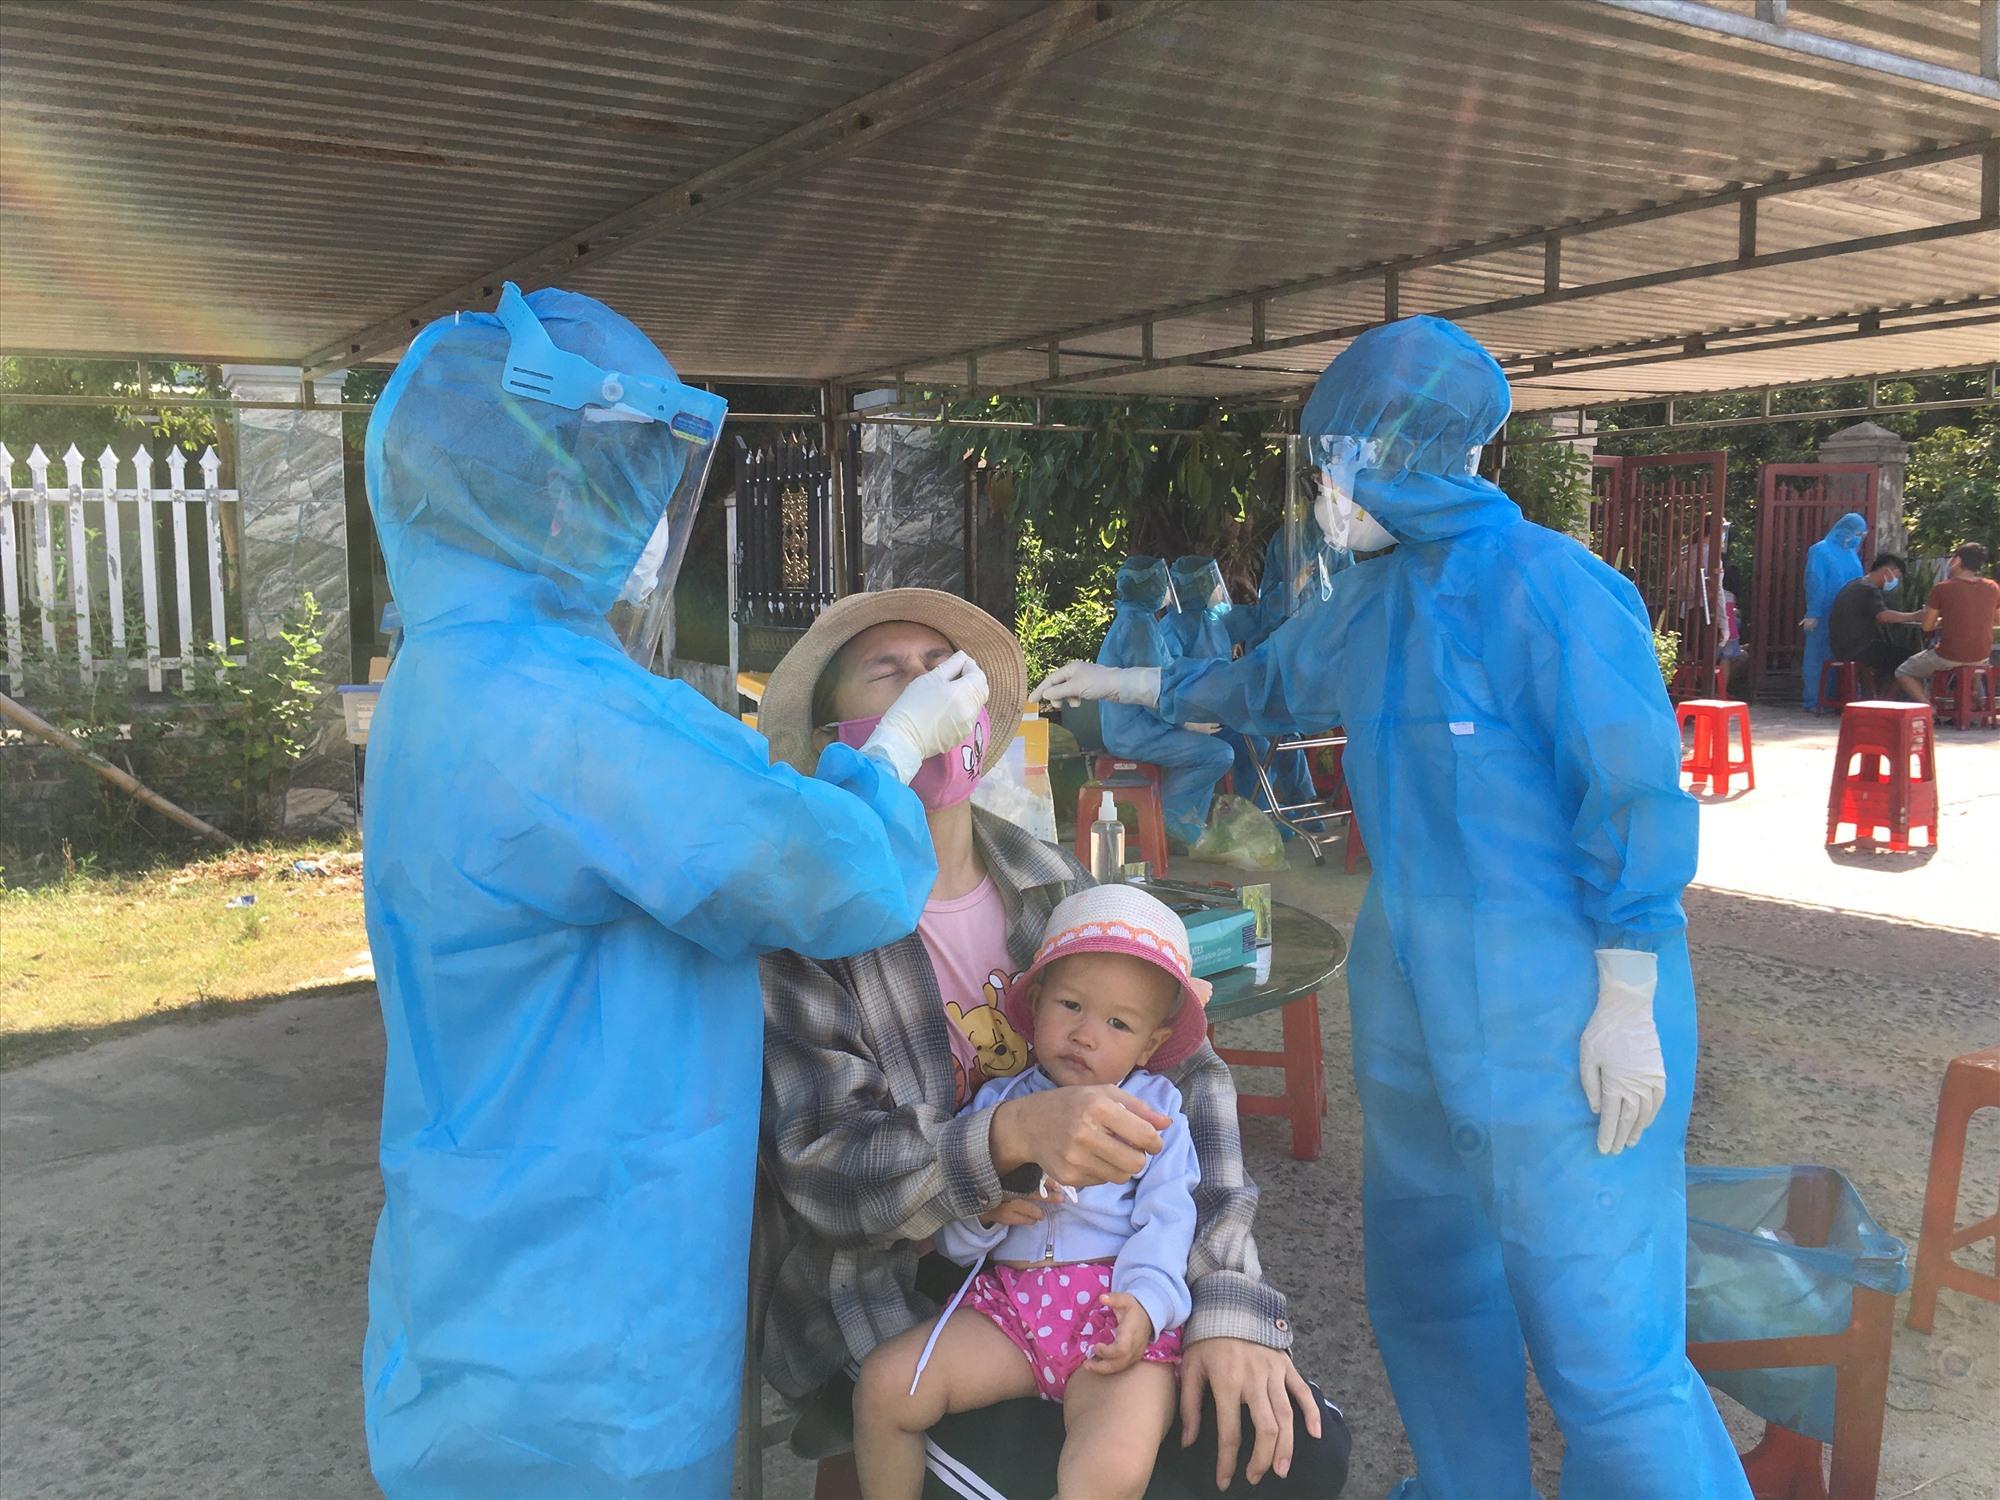 Trung tâm Y tế huyện Phú Ninh lấy mẫu xét nghiệm các trường hợp liên quan đến 2 ca mắc Covid-19 ở xã Tam Thái sáng ngày 1.8. Ảnh: H.C